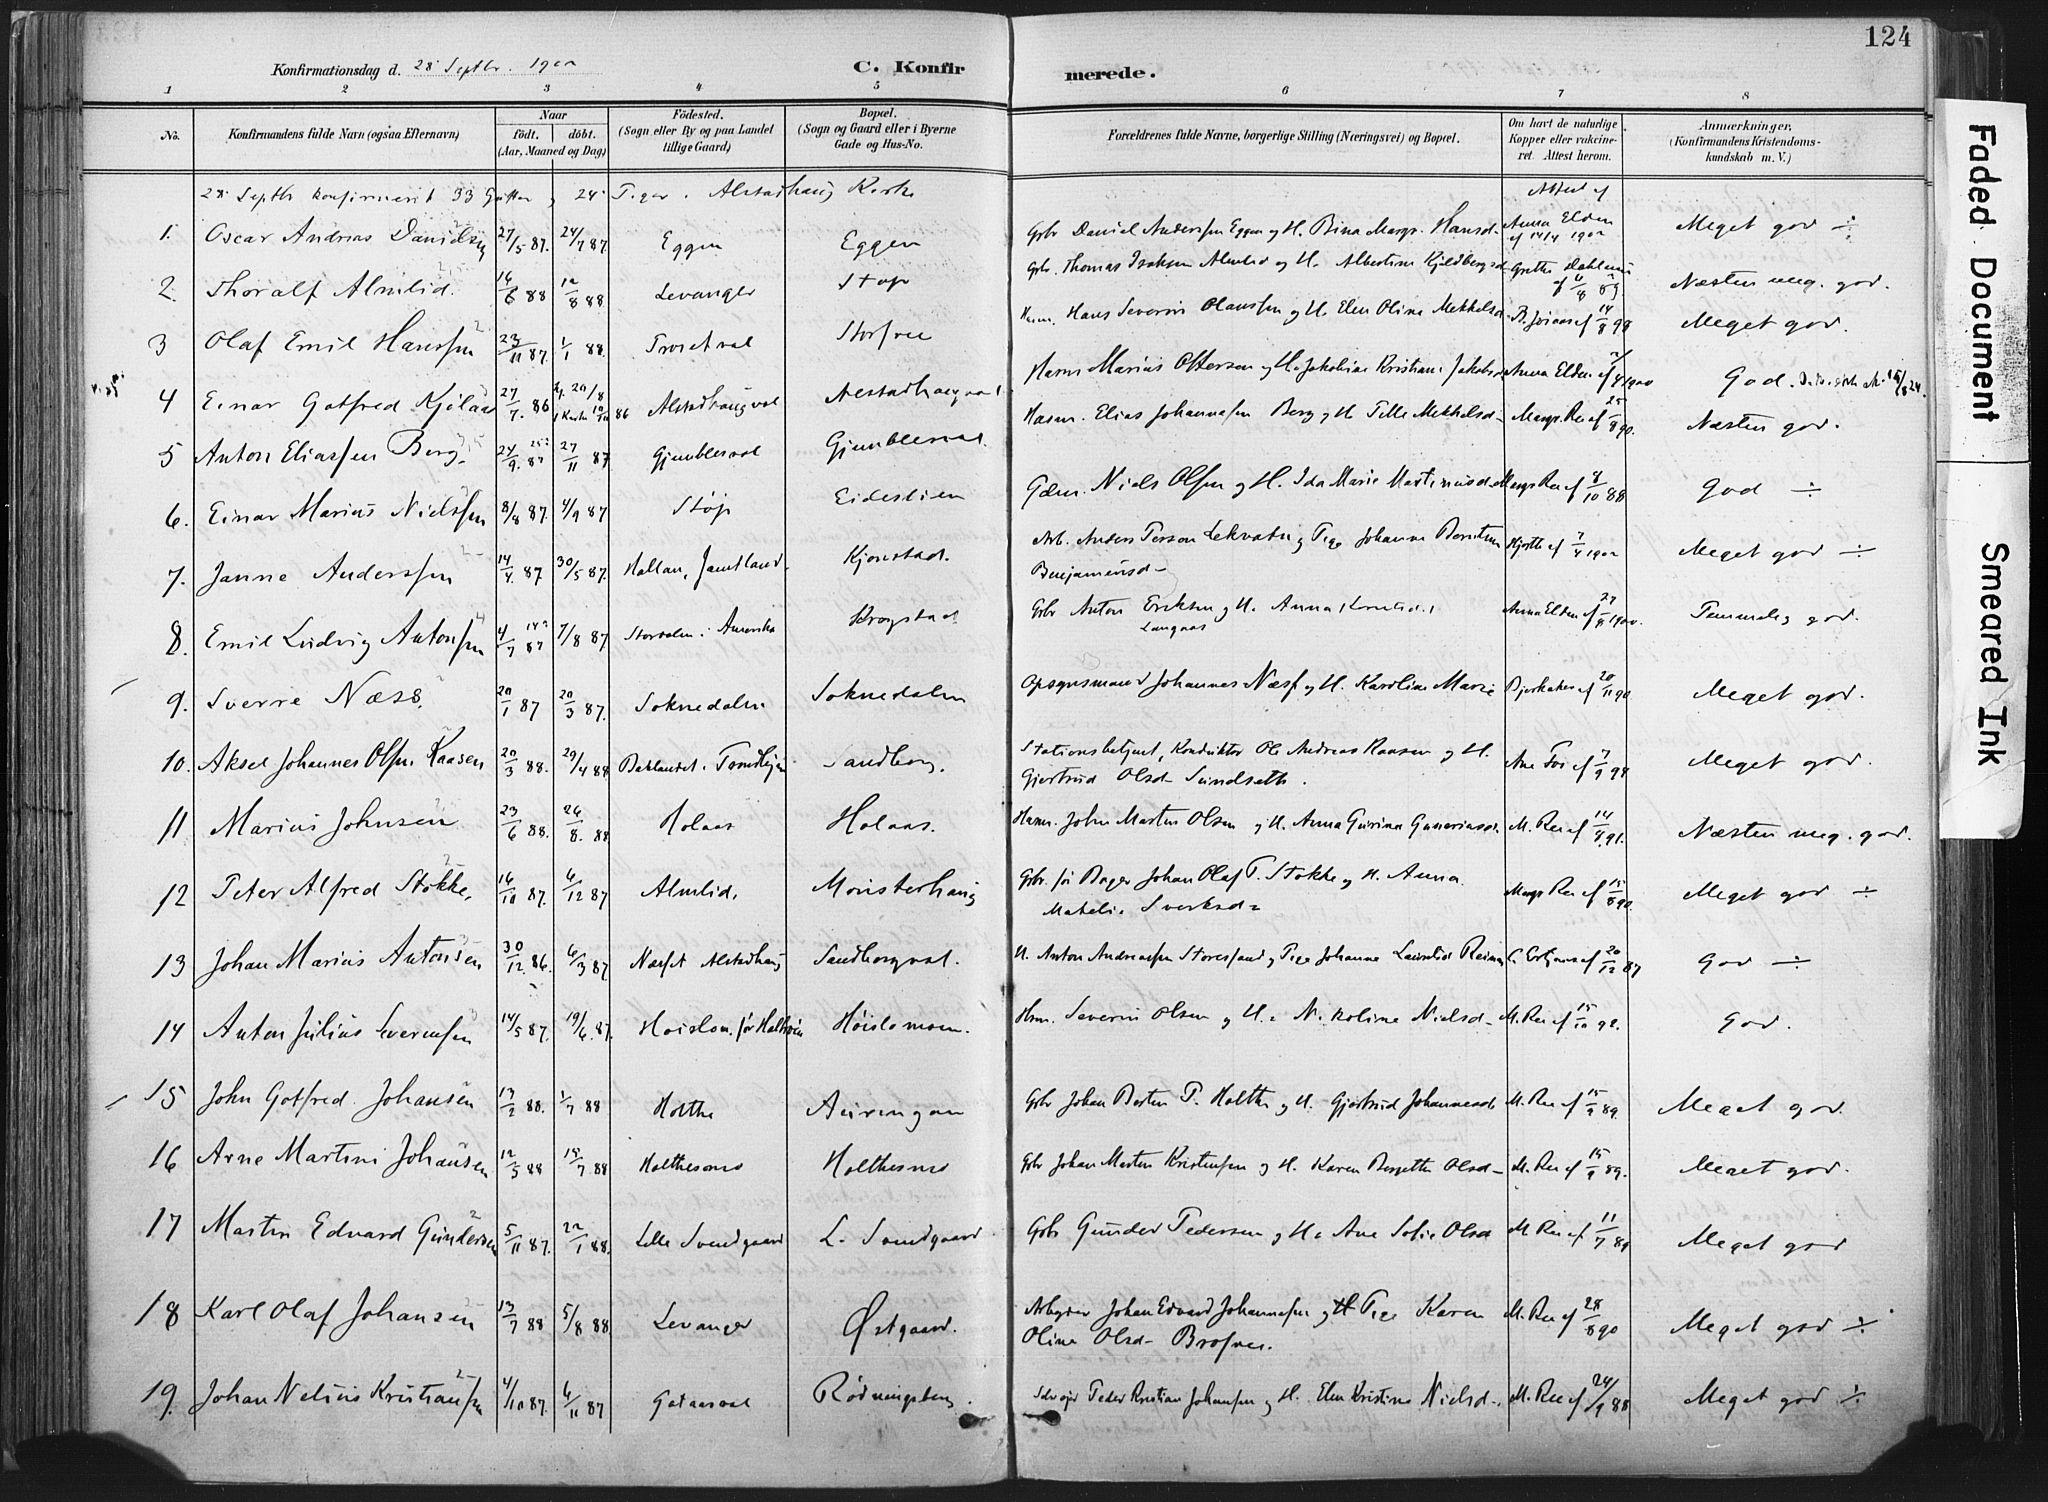 SAT, Ministerialprotokoller, klokkerbøker og fødselsregistre - Nord-Trøndelag, 717/L0162: Ministerialbok nr. 717A12, 1898-1923, s. 124